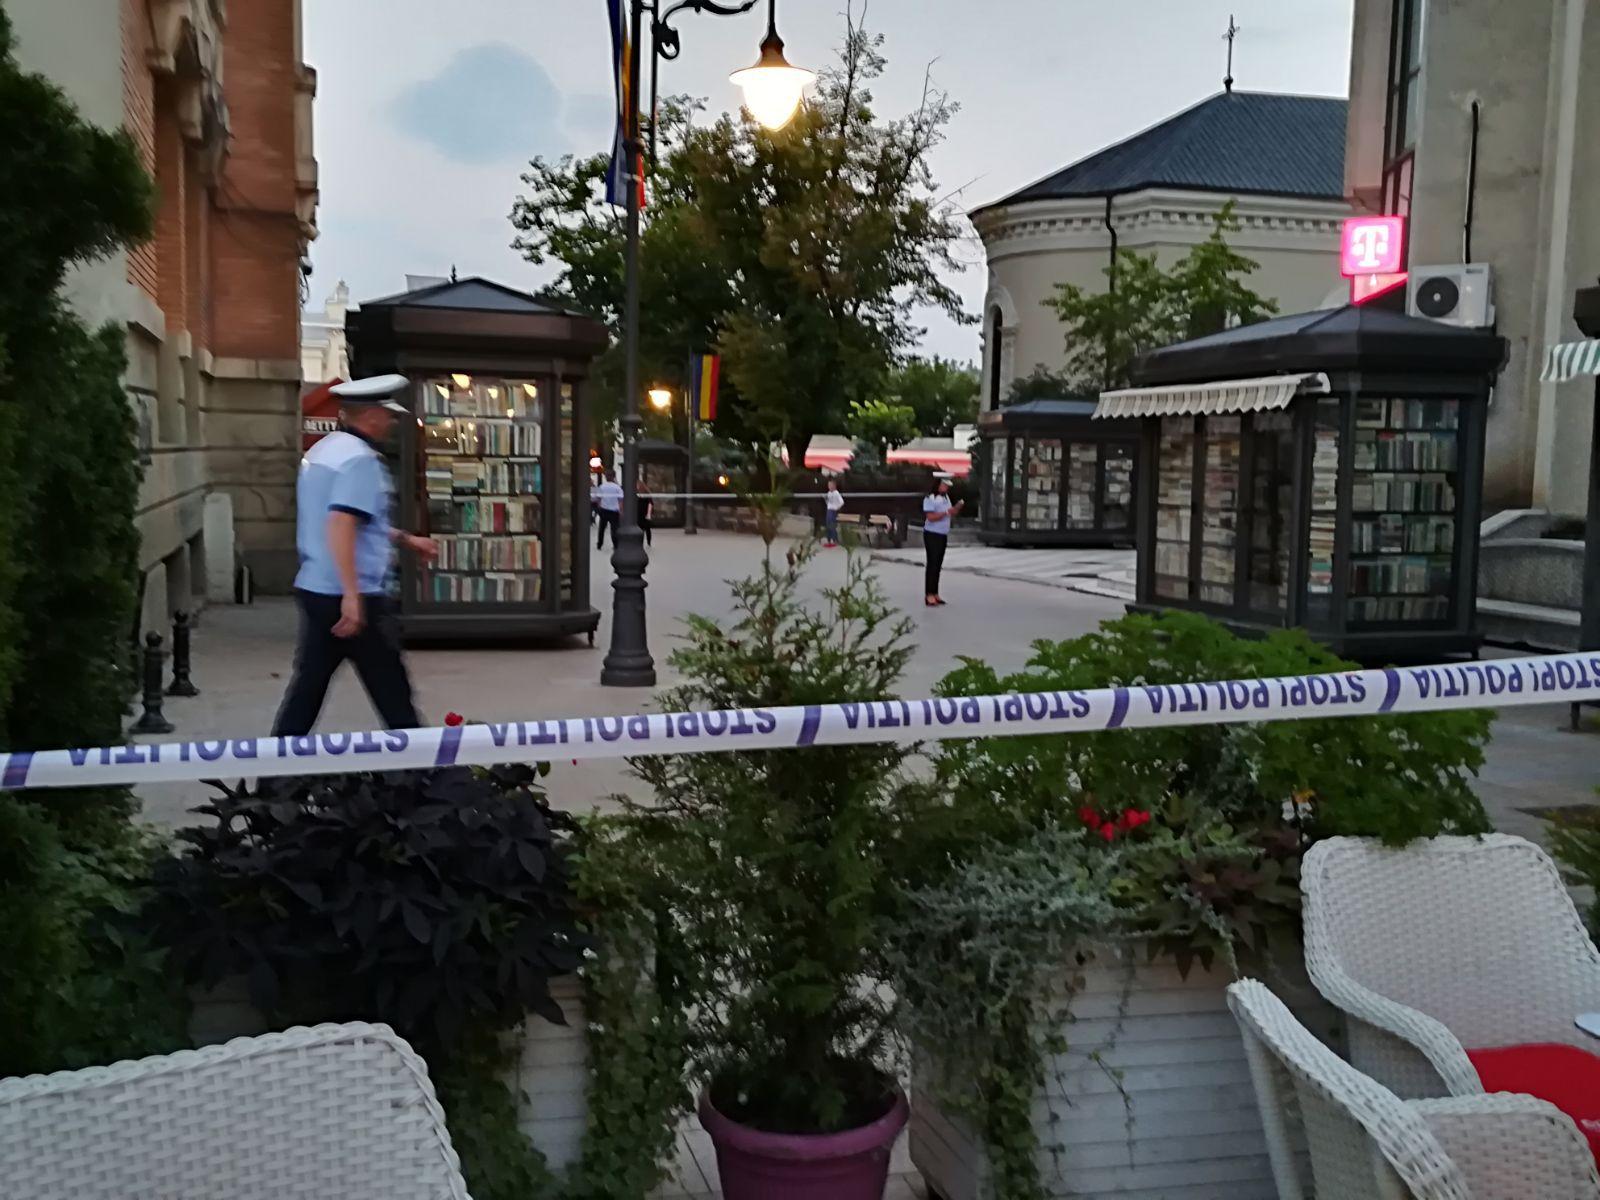 GALERIE FOTO, VIDEO   ALERTĂ pe o stradă din centrul Iaşiului unde a fost semnalată prezenţa unui colet suspect